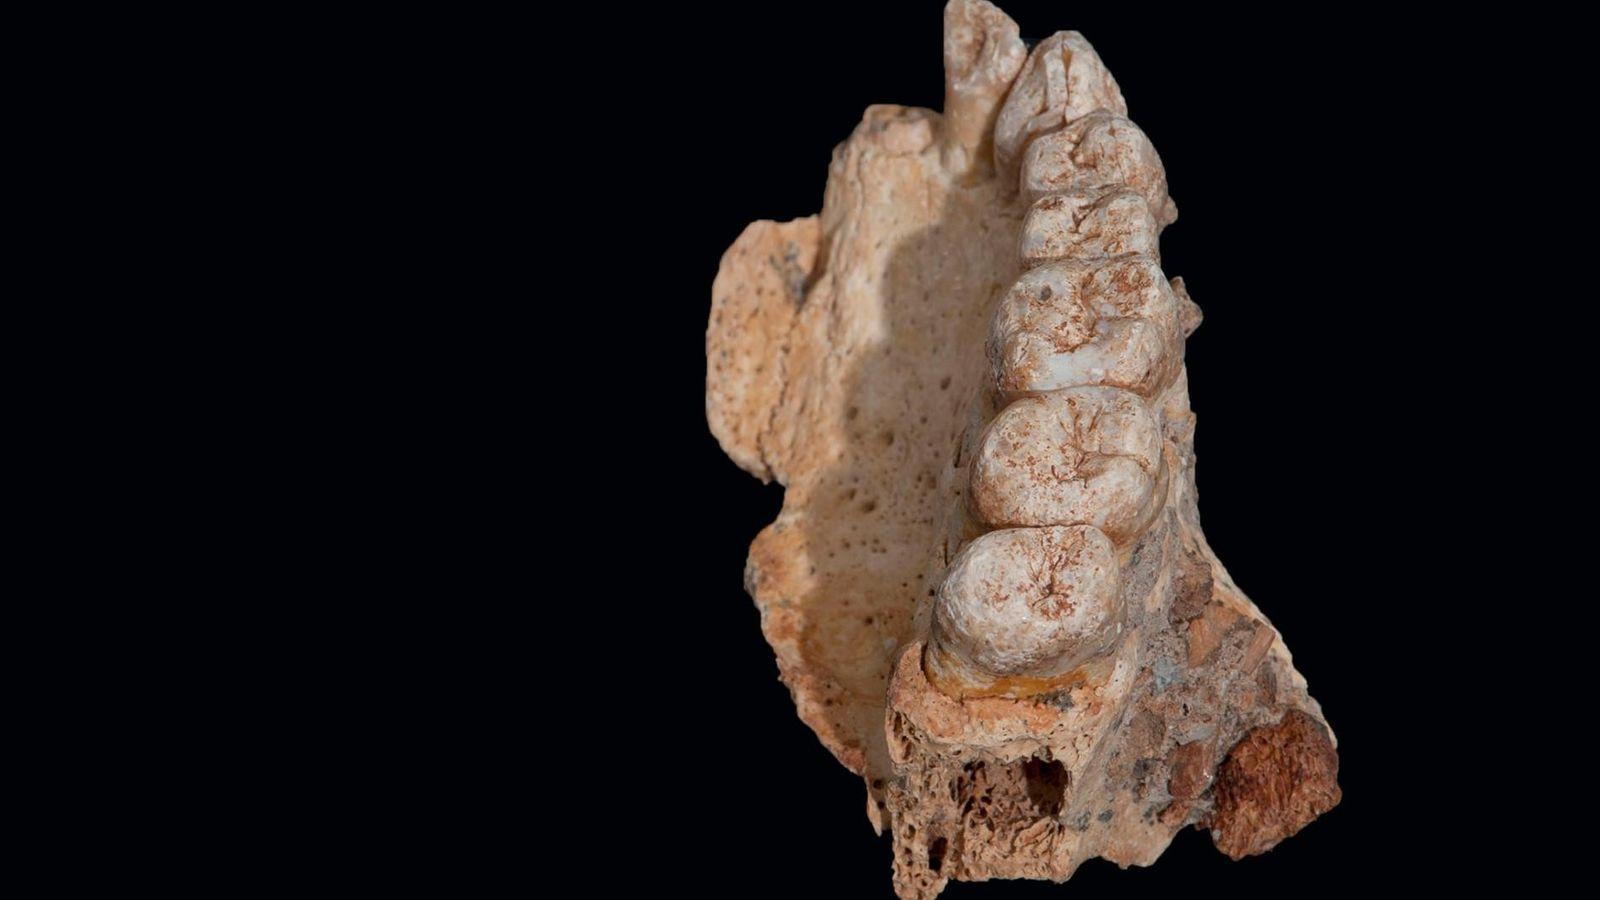 Vue du fossile d'une mâchoire appartenant à un homme moderne retrouvé en Israël.